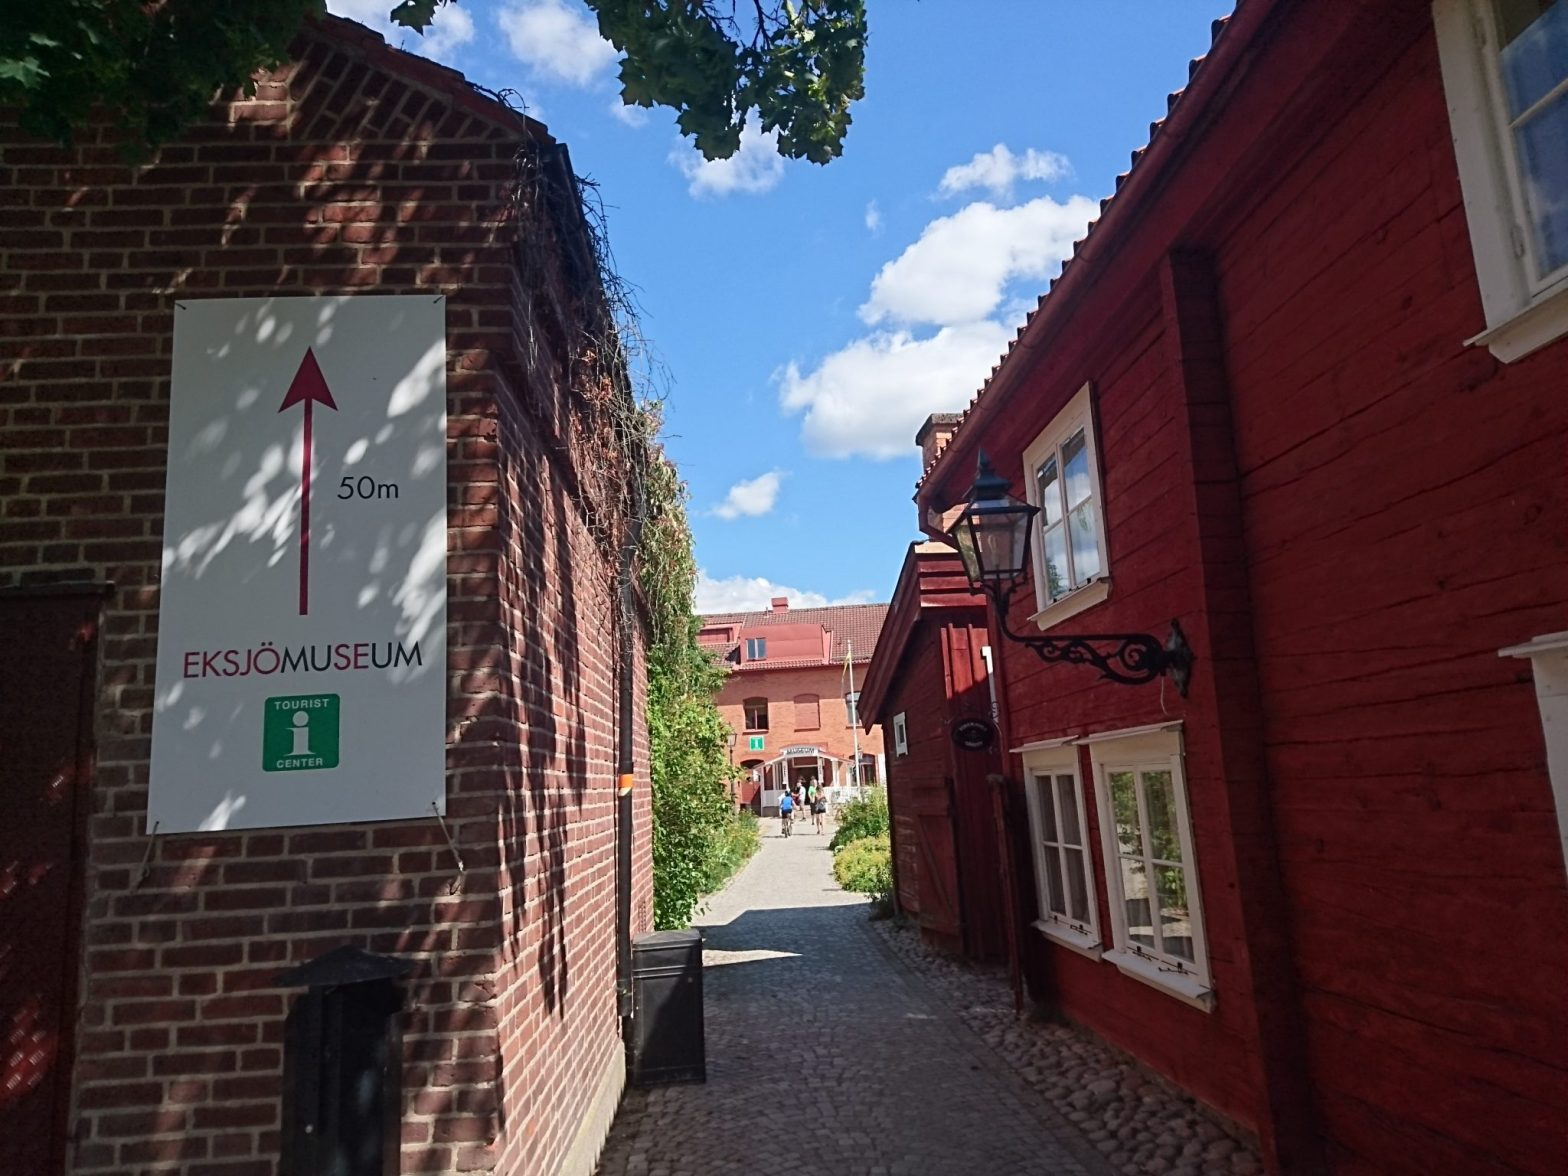 Vägen till Eksjö museum och turistbyrå.